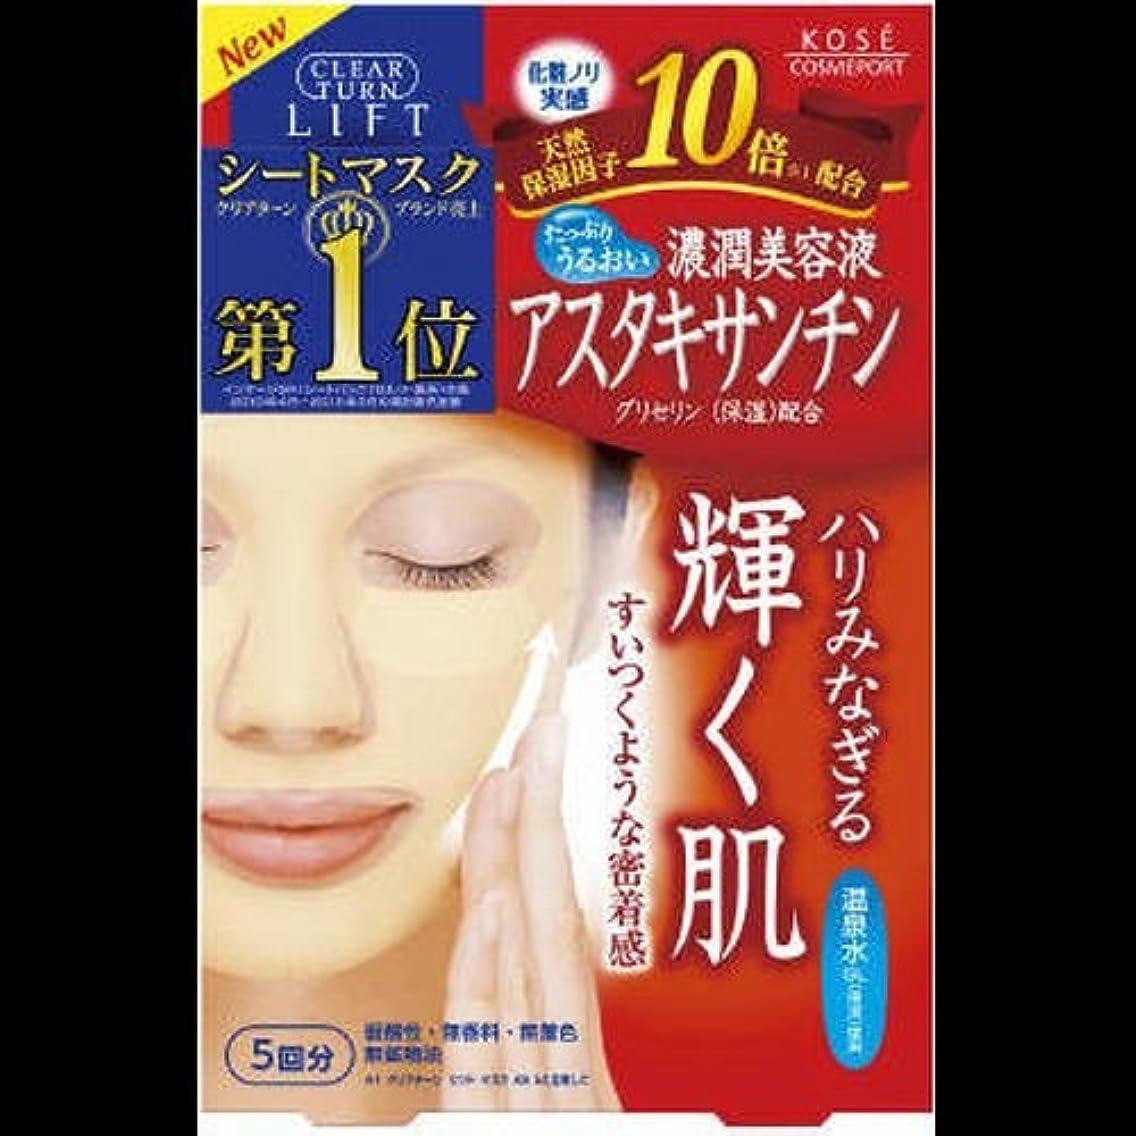 ヒゲとげ複製するクリアターン リフト マスク AS c (アスタキサンチン) 5回分 ×2セット